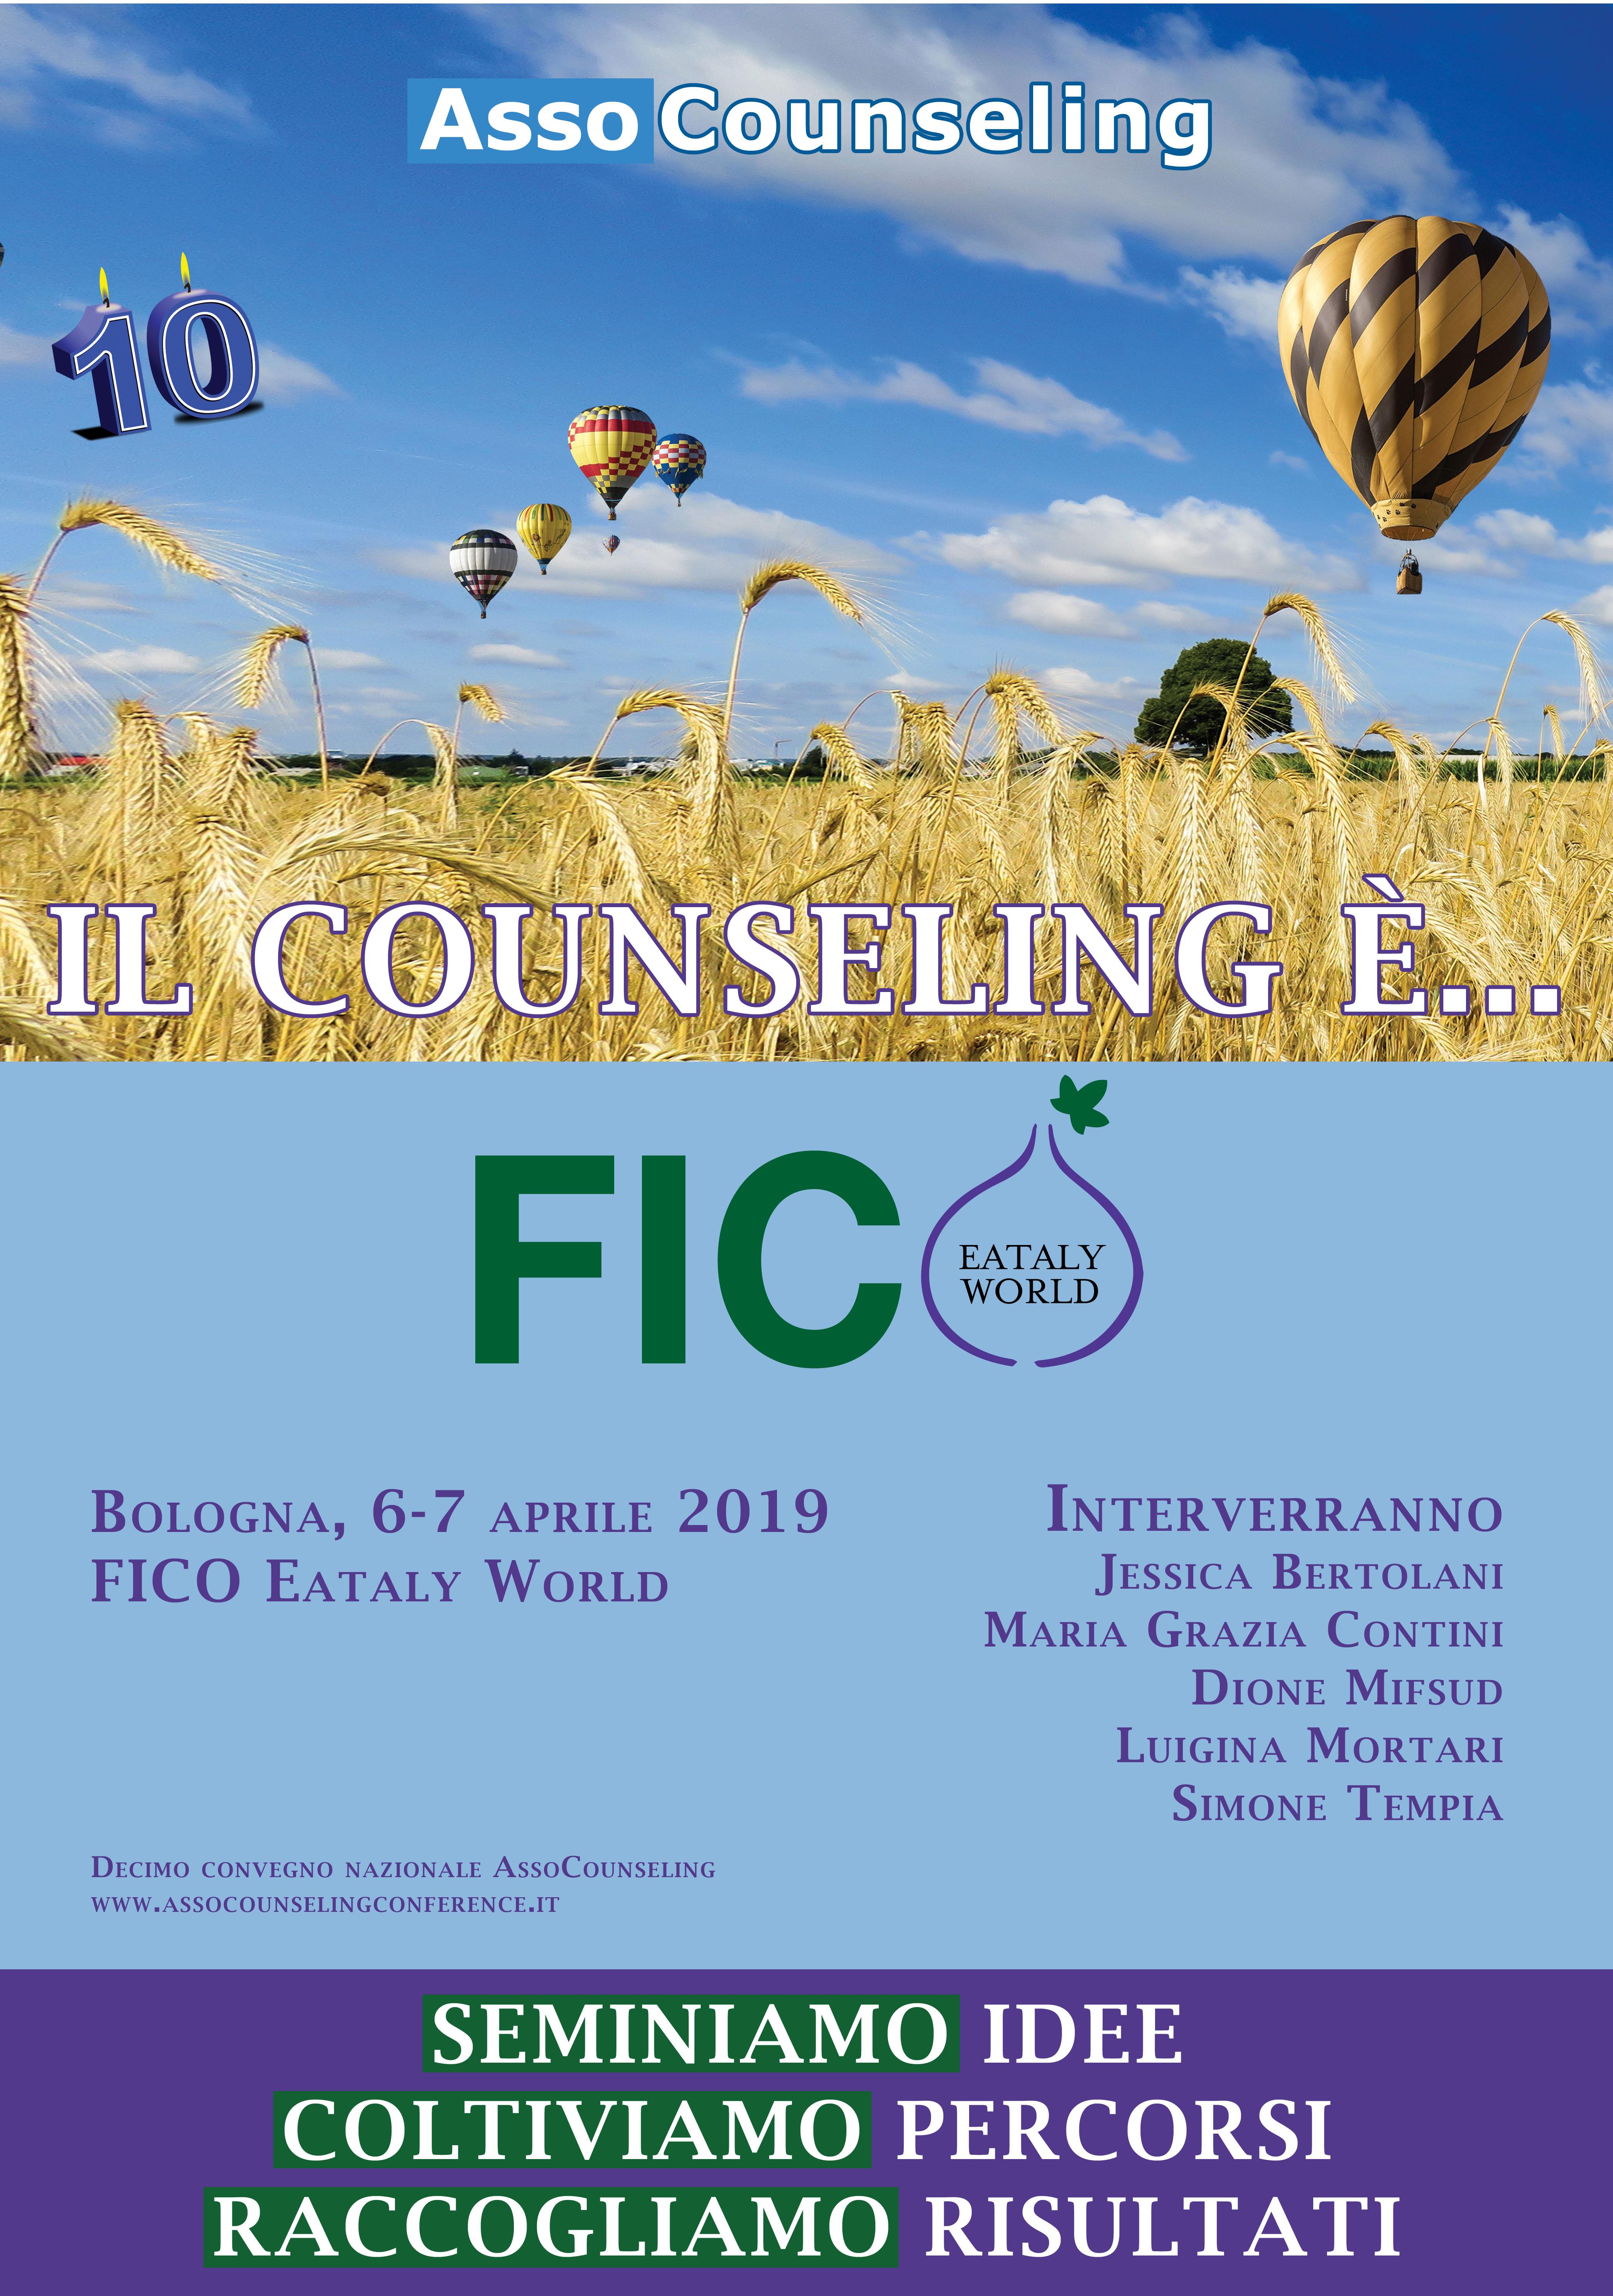 Il counseling è... FICO. Decimo convegno nazionale AssoCounseling